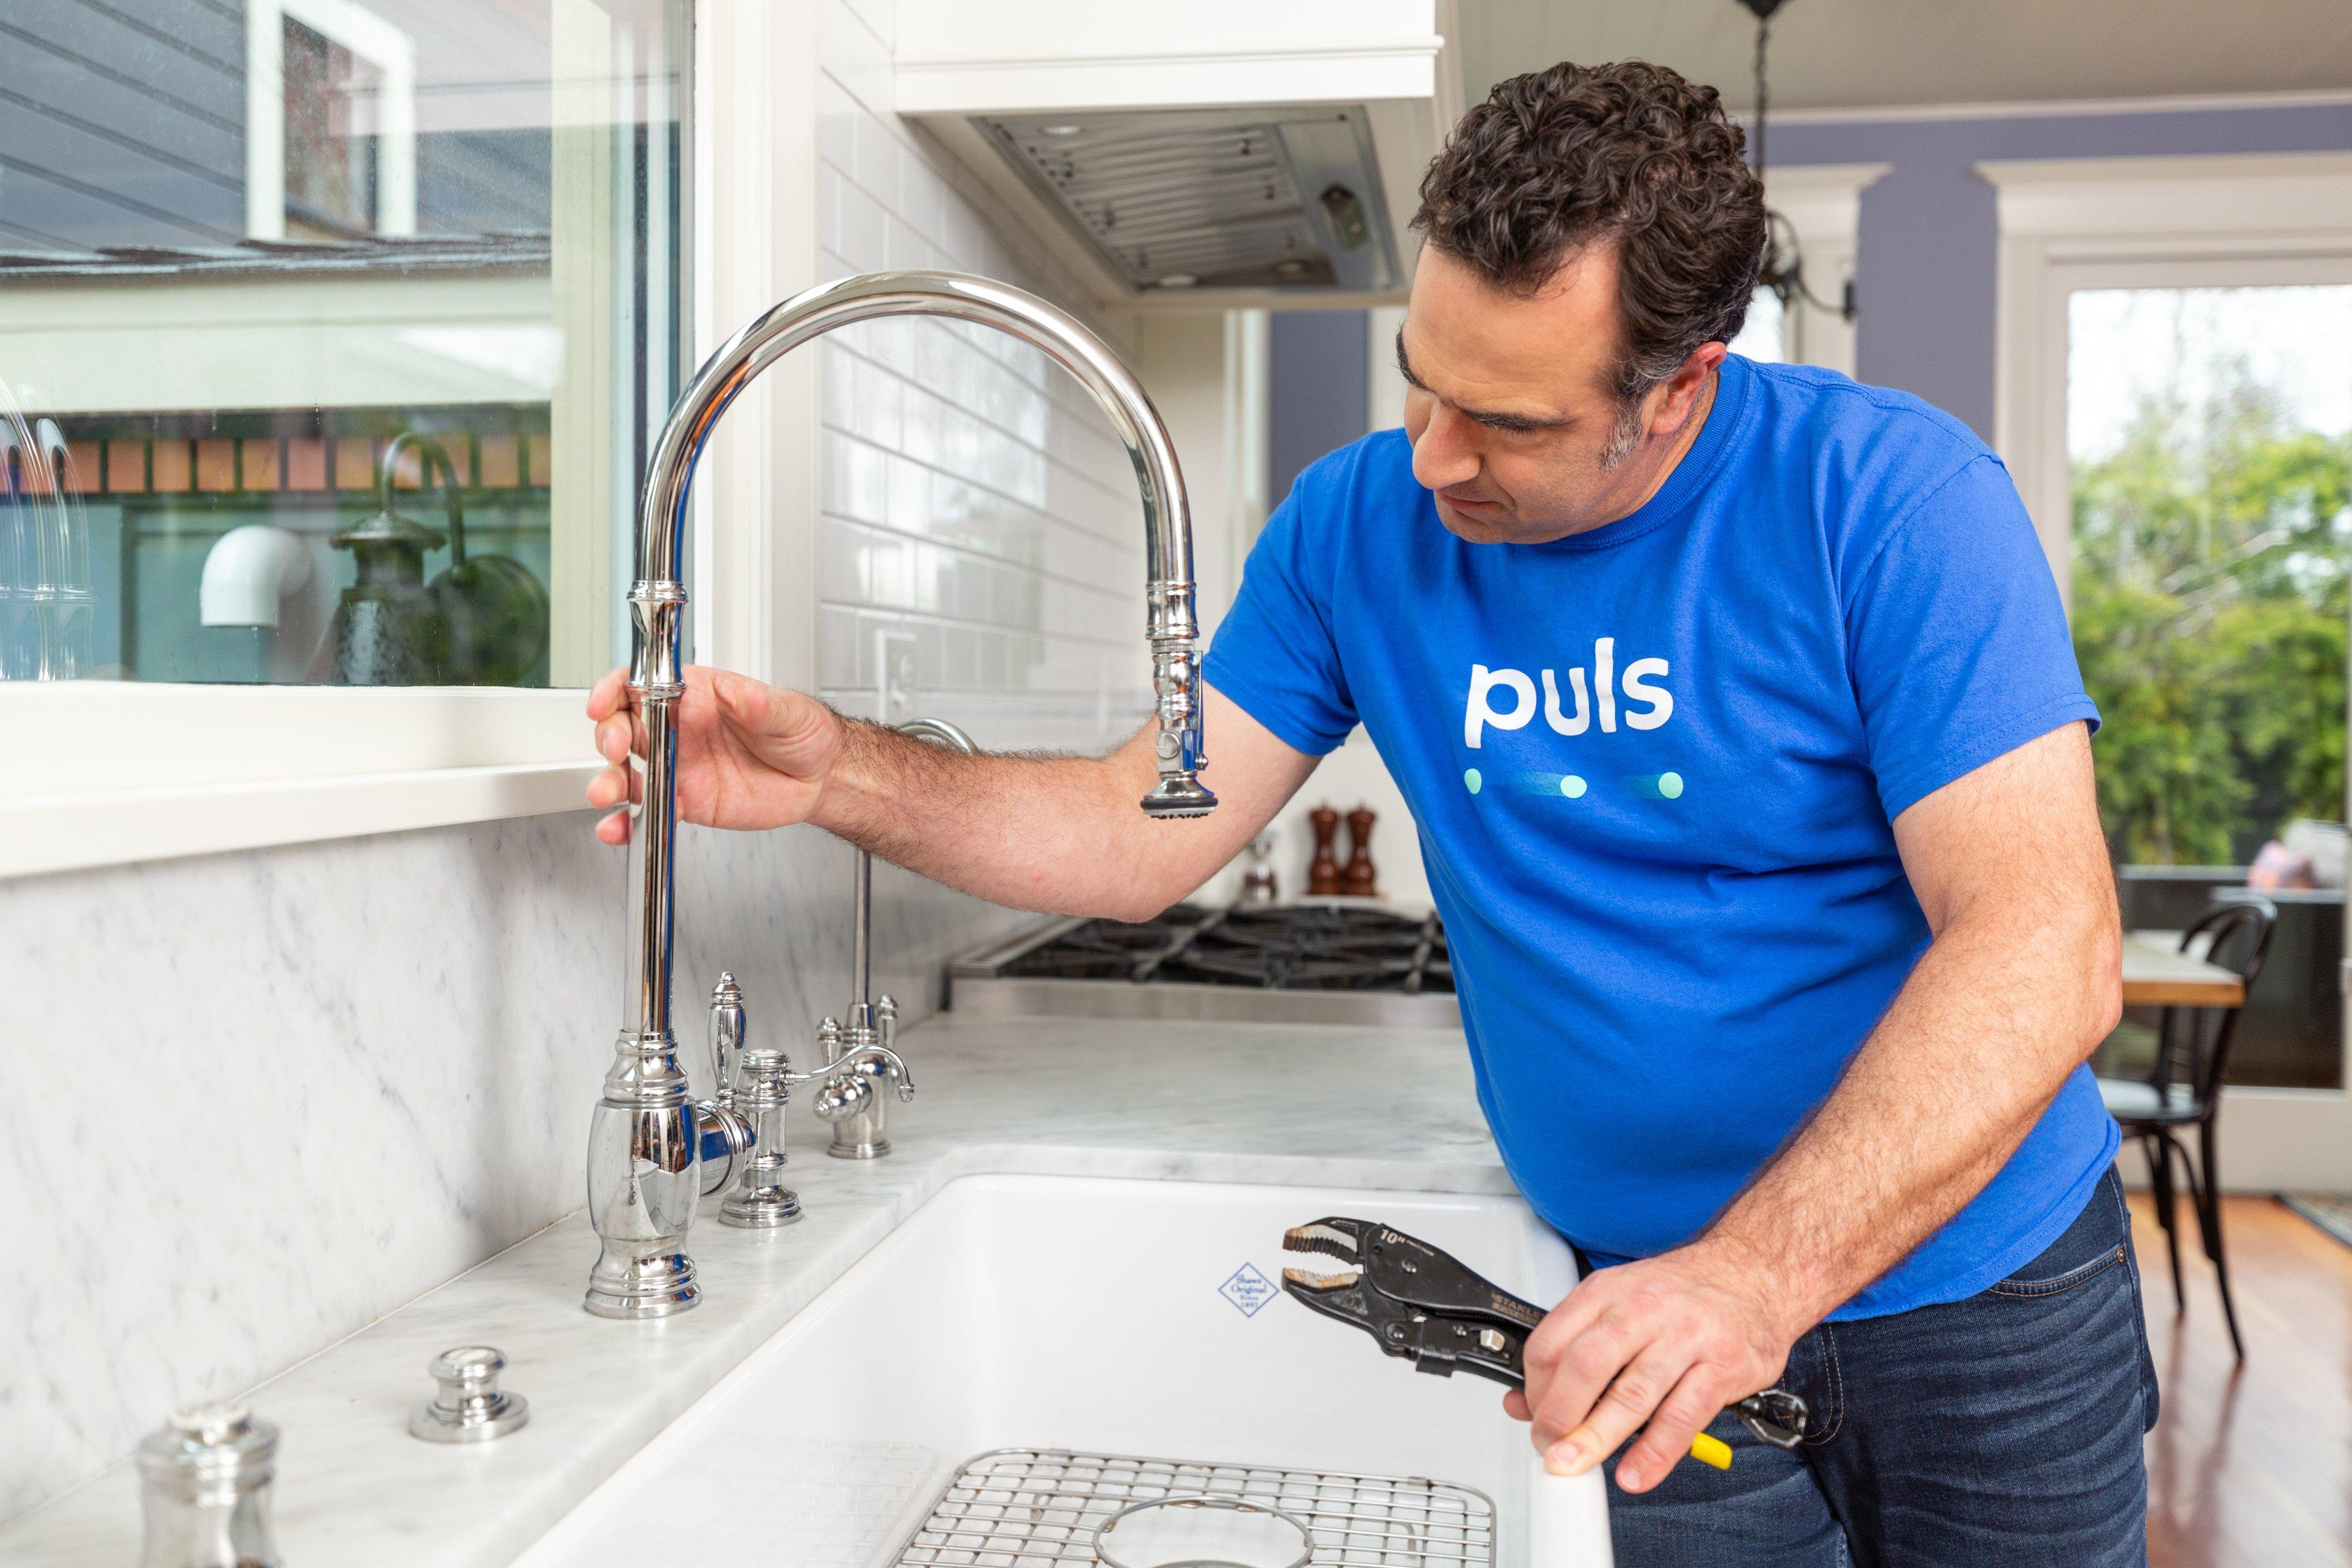 Puls plumbing technician in kitchen